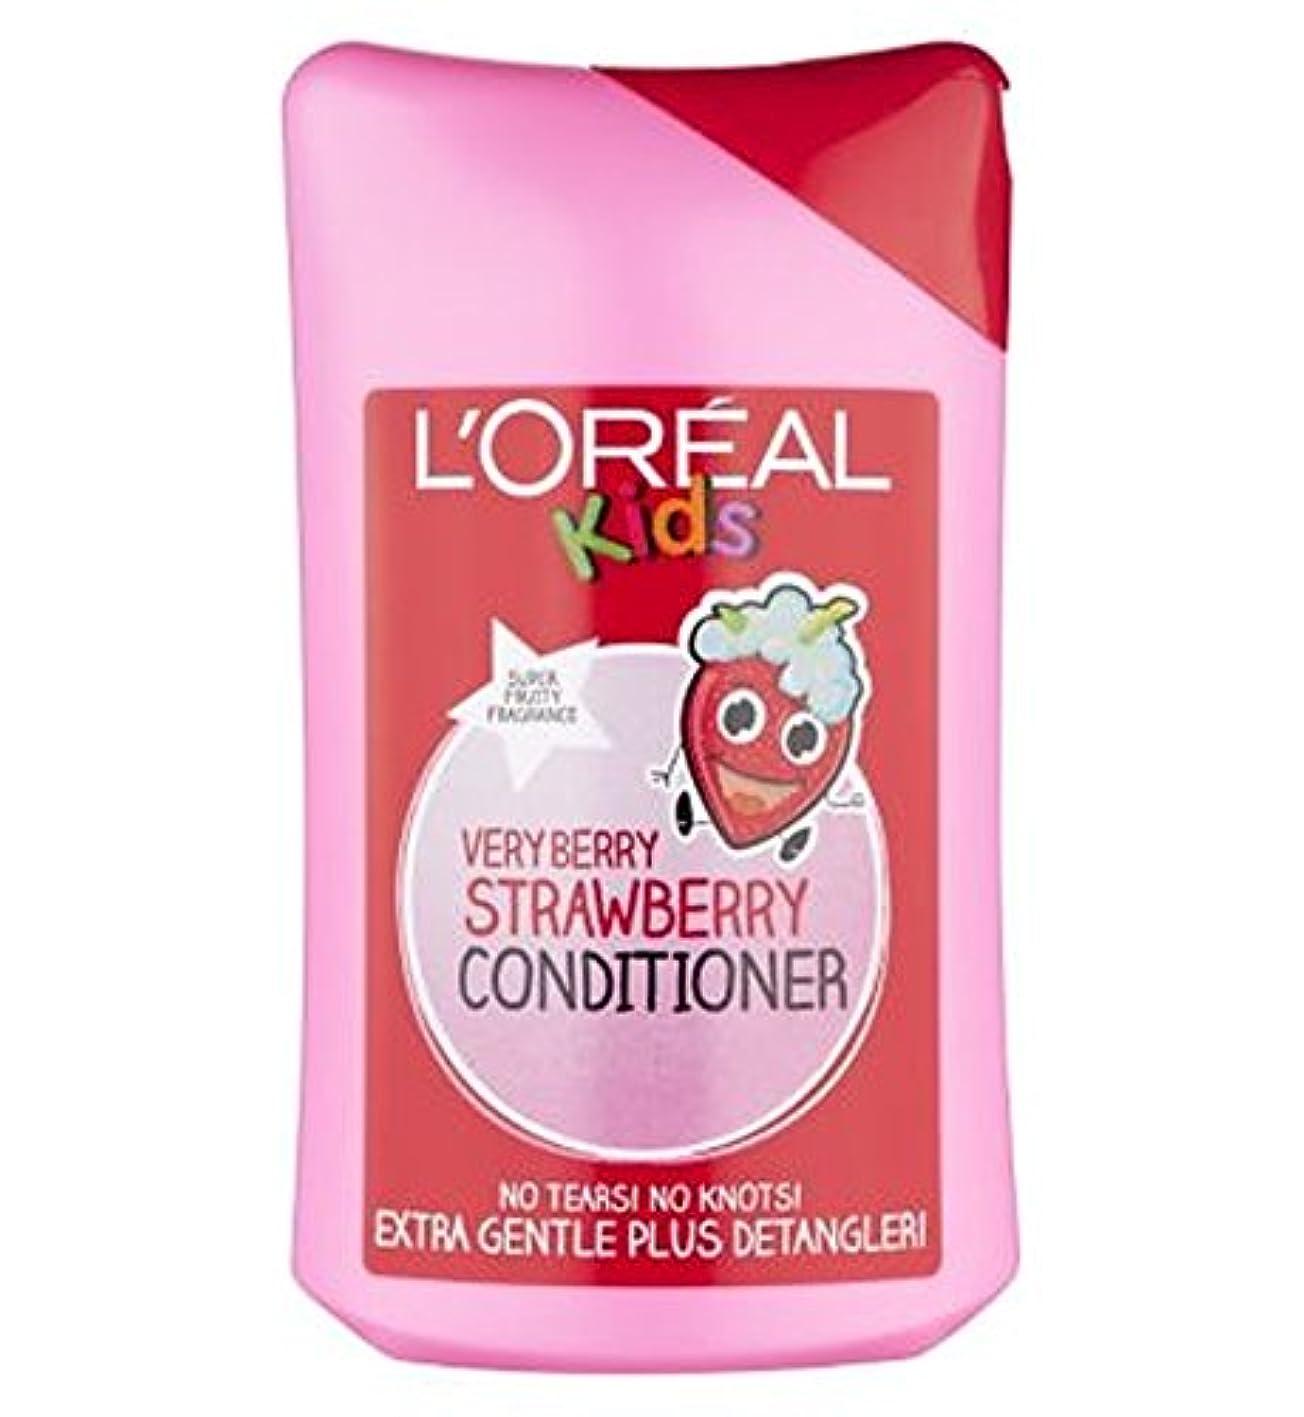 心のこもったオフェンスクラウドL'Oreall Kids Extra Gentle Very Berry Strawberry Conditioner 250ml - L'Oreall子供余分な穏やかな非常にベリーストロベリーコンディショナー250ミリリットル (L'Oreal) [並行輸入品]